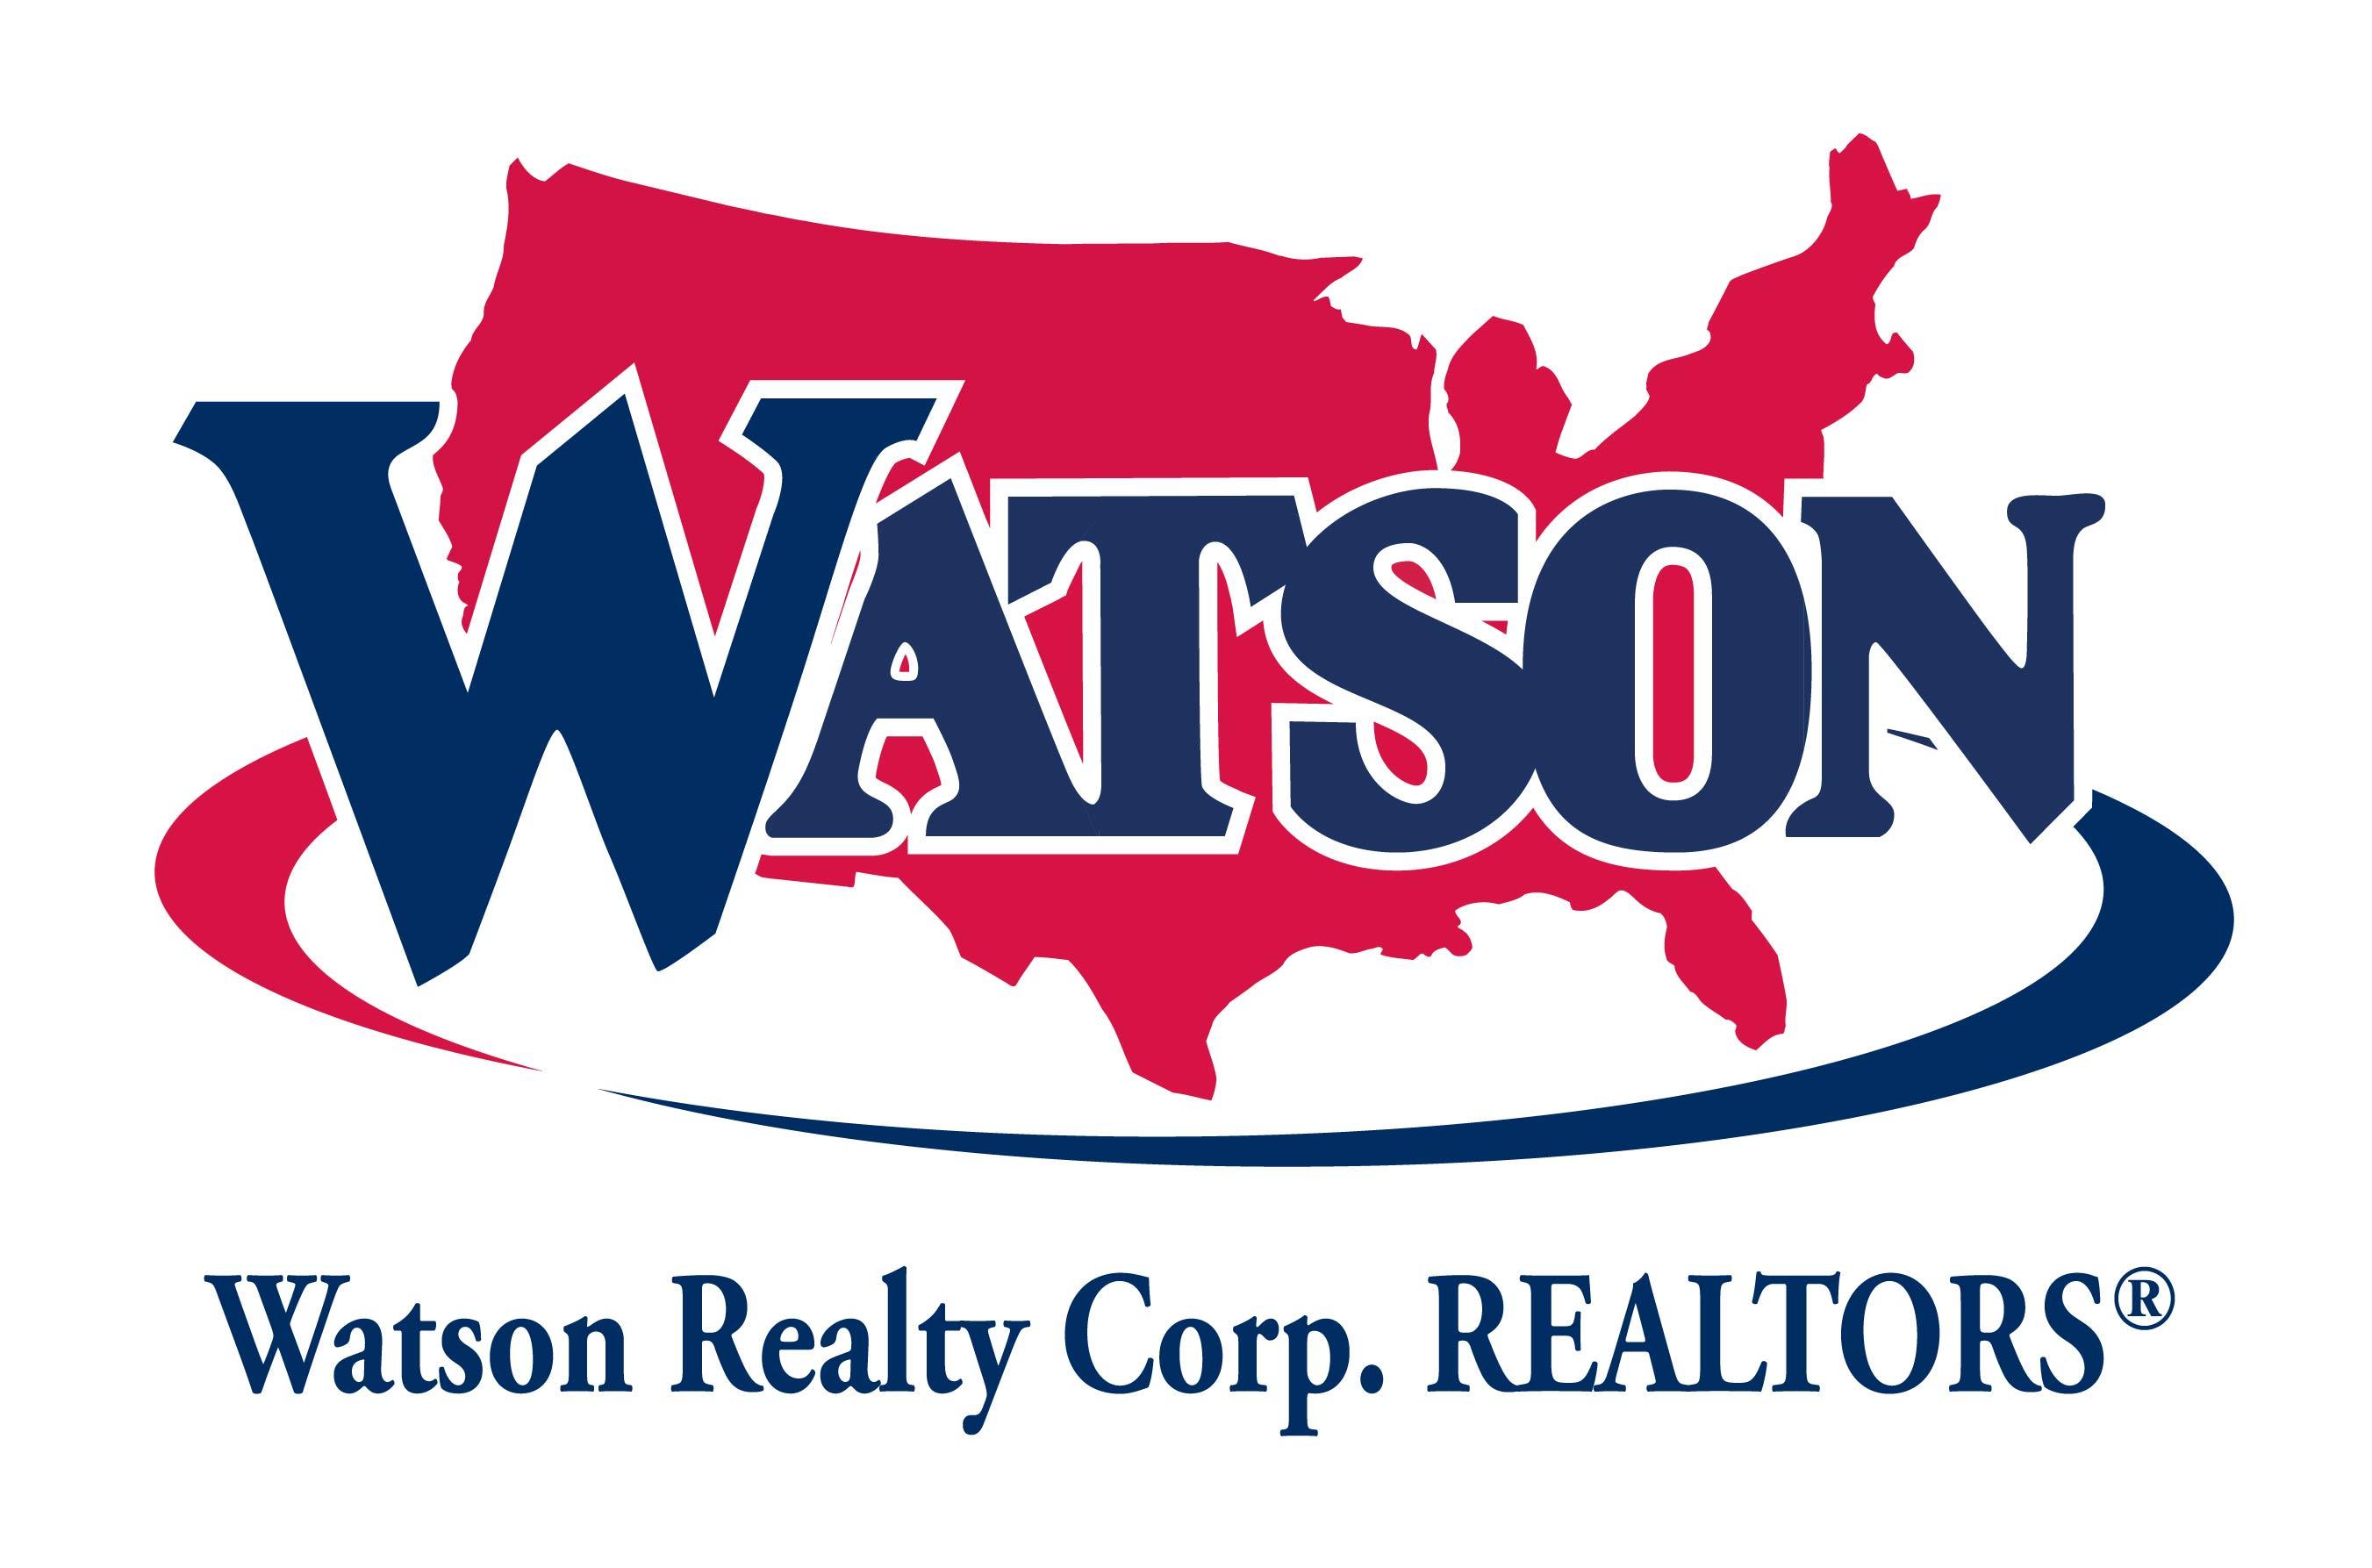 Mako Group - Watson Realty Corp.